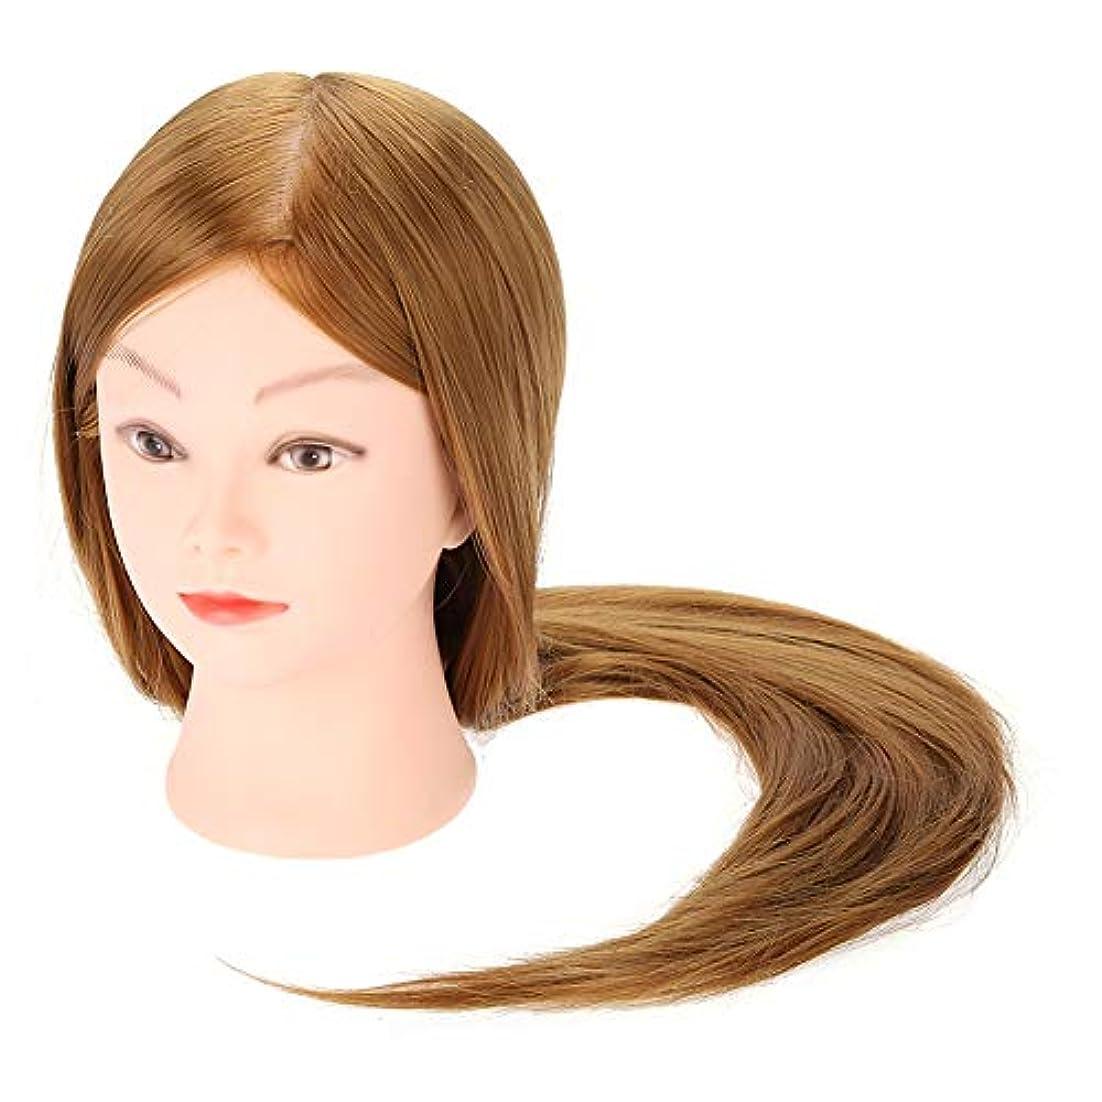 ポータブル中毒間違いヘアトレーニングヘッド、 ヘアスタイリング 美容練習用ヘアスタイリングプラクティス ヘアドレッシング かつらマネキン